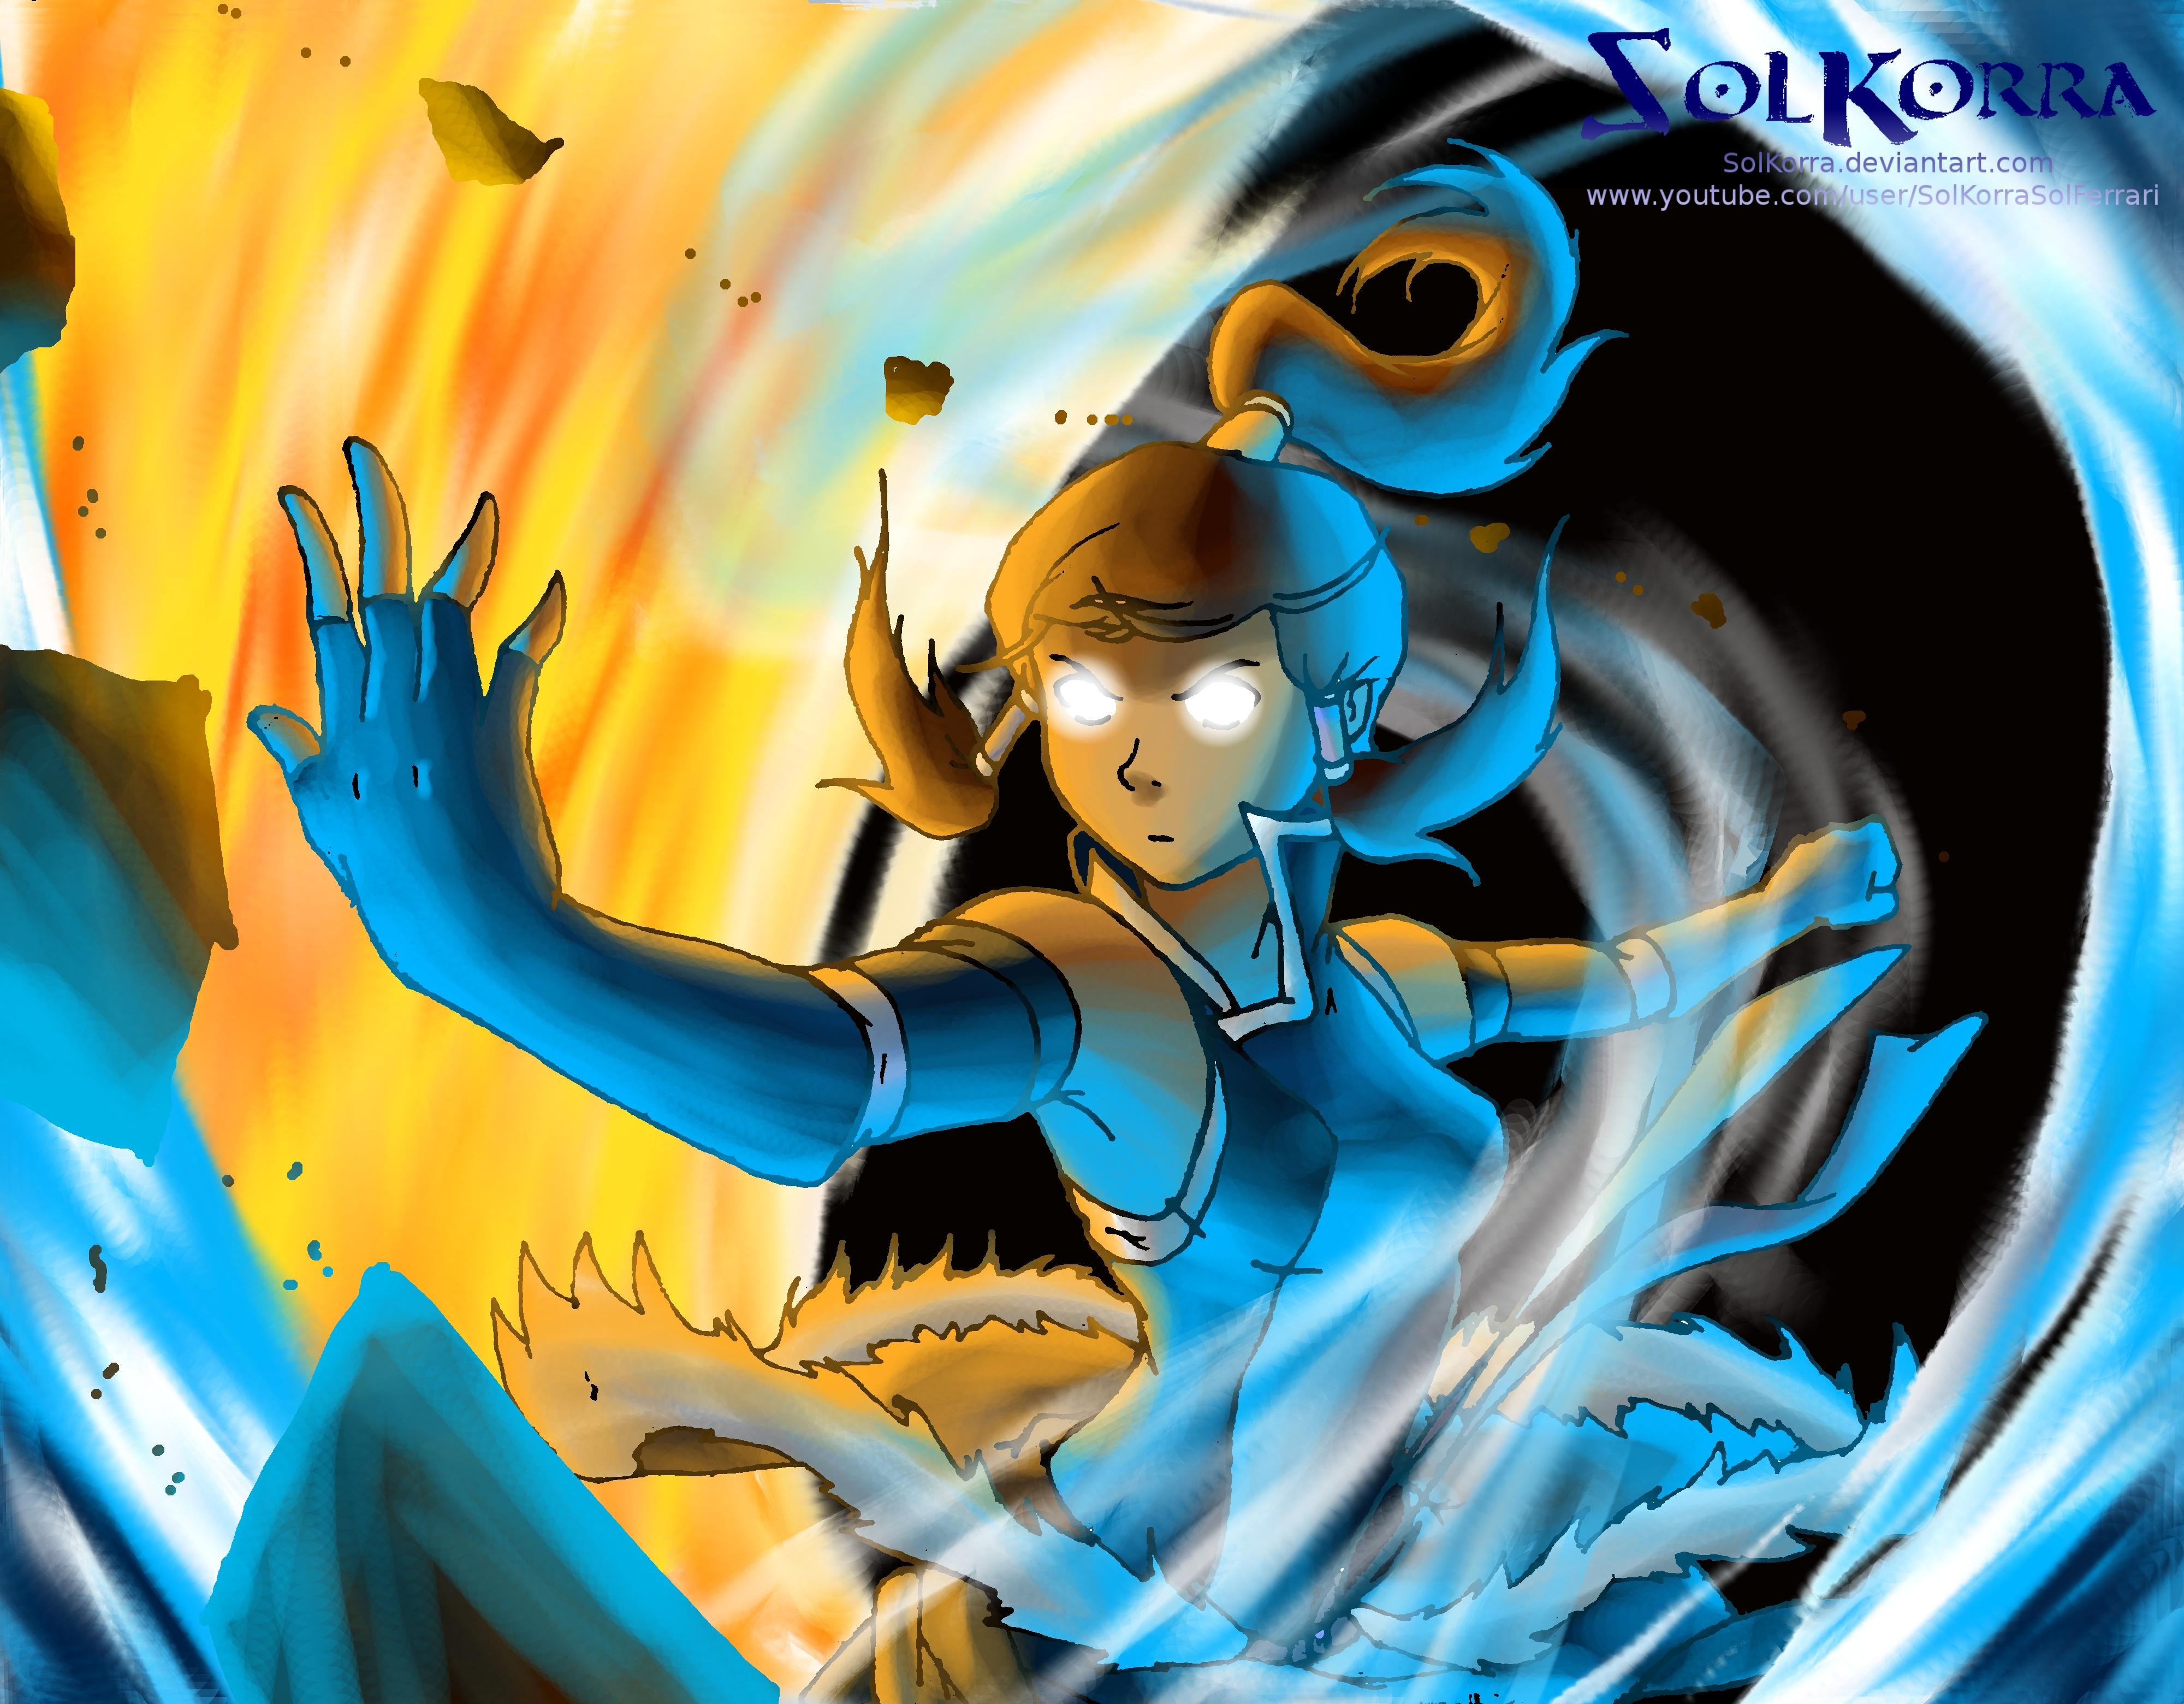 Korra's Avatar State Season 2 by SolKorra by SolKorra